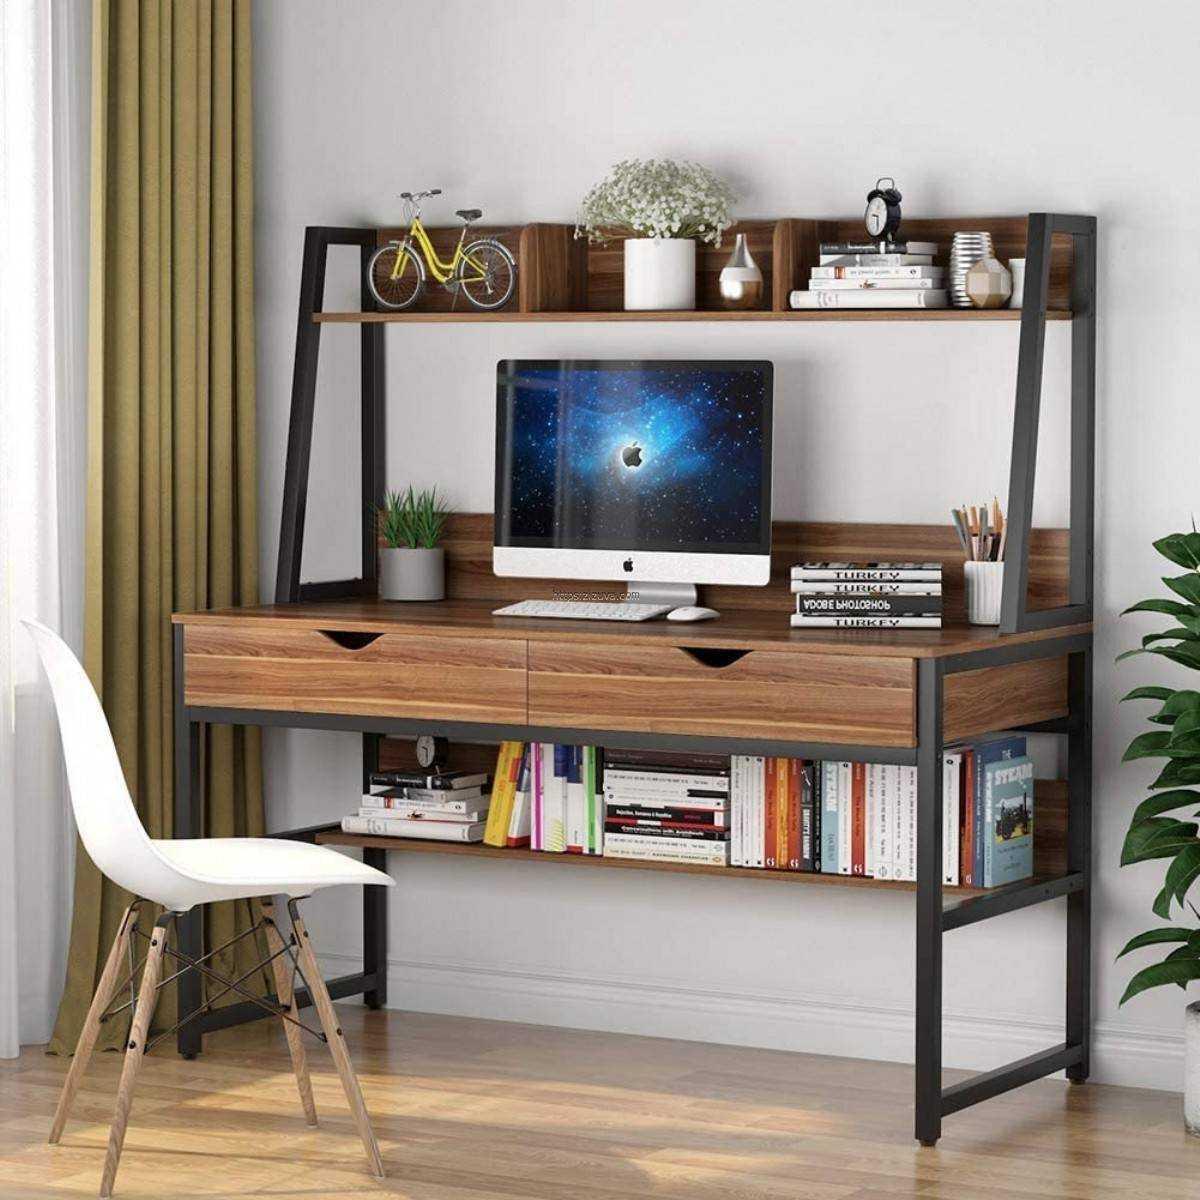 Zizuva Tasarım Ceviz Ev Ofis Bilgisayar Raflı Çekmeceli Kitaplıklı Metal Çalışma Masası